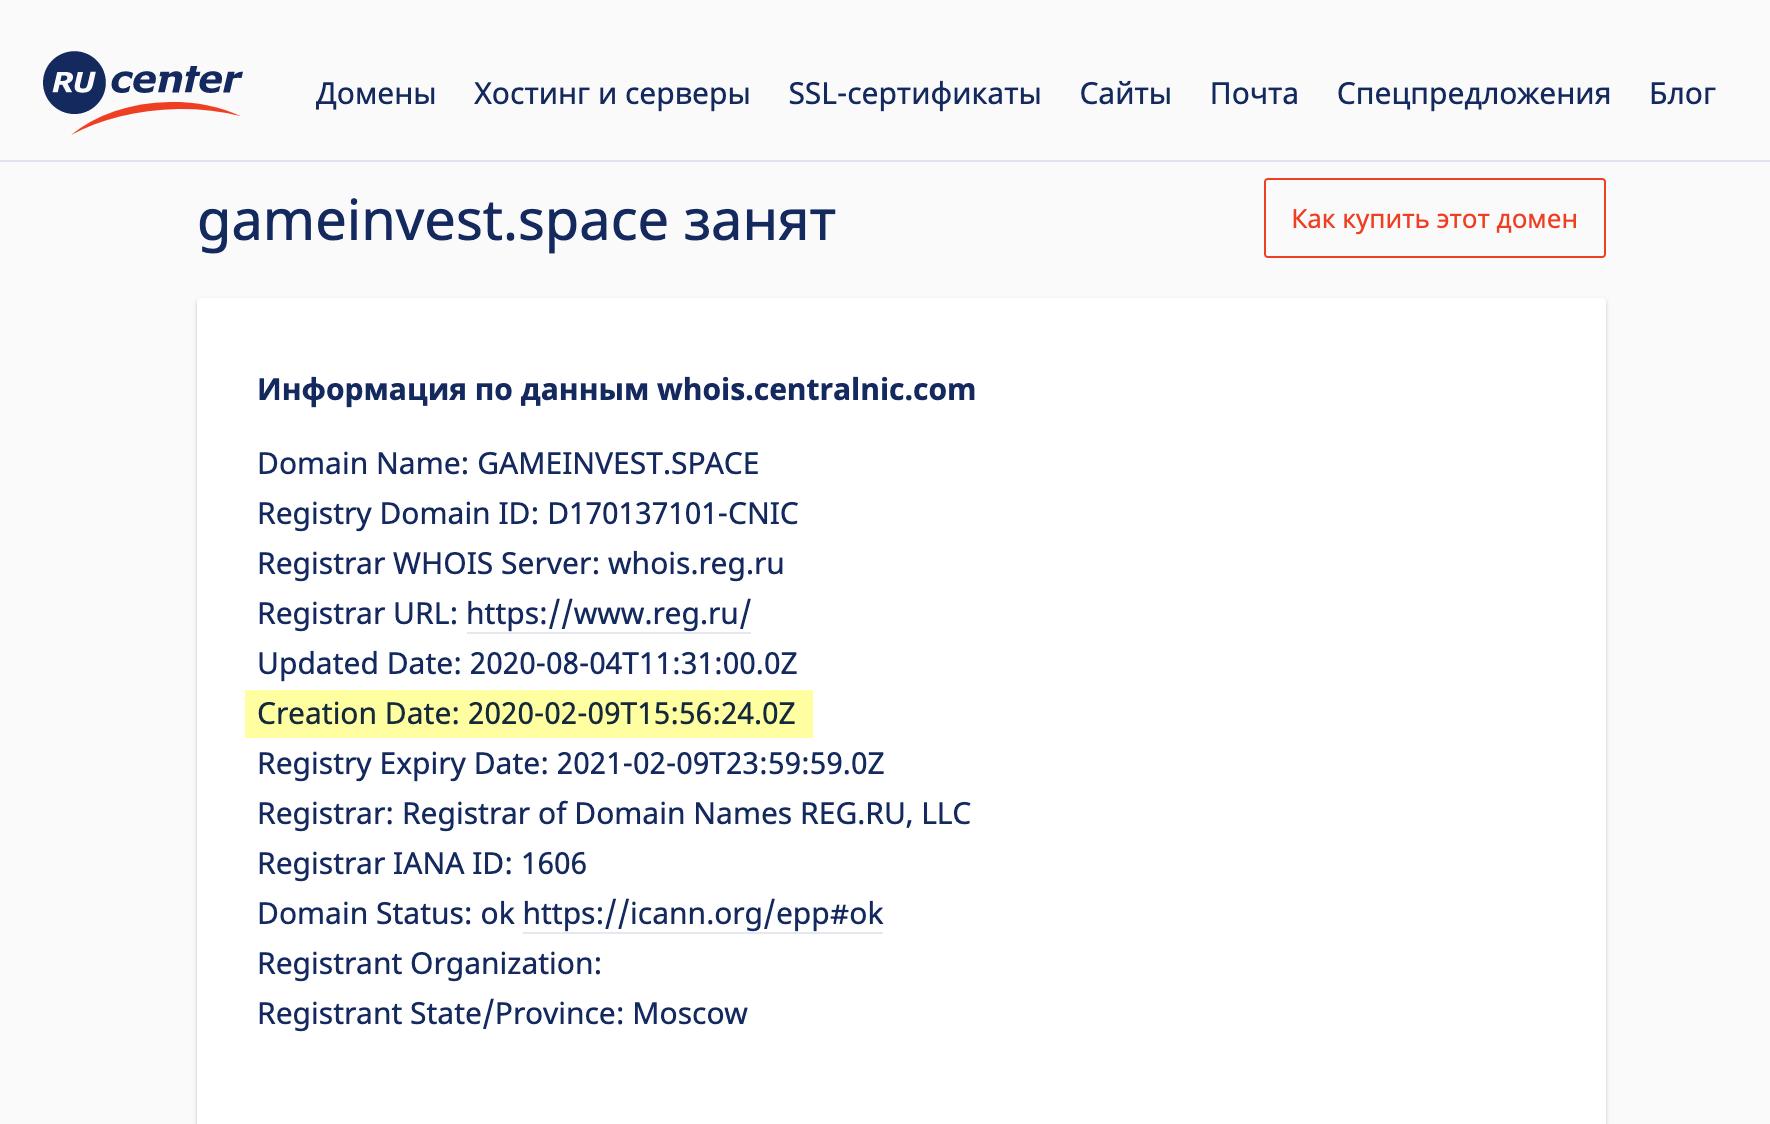 Переводы датируются 2019годом, а сайт зарегистрировали только в феврале 2020. Я не нашел статей о проекте, которые былибы написаны раньше этого срока